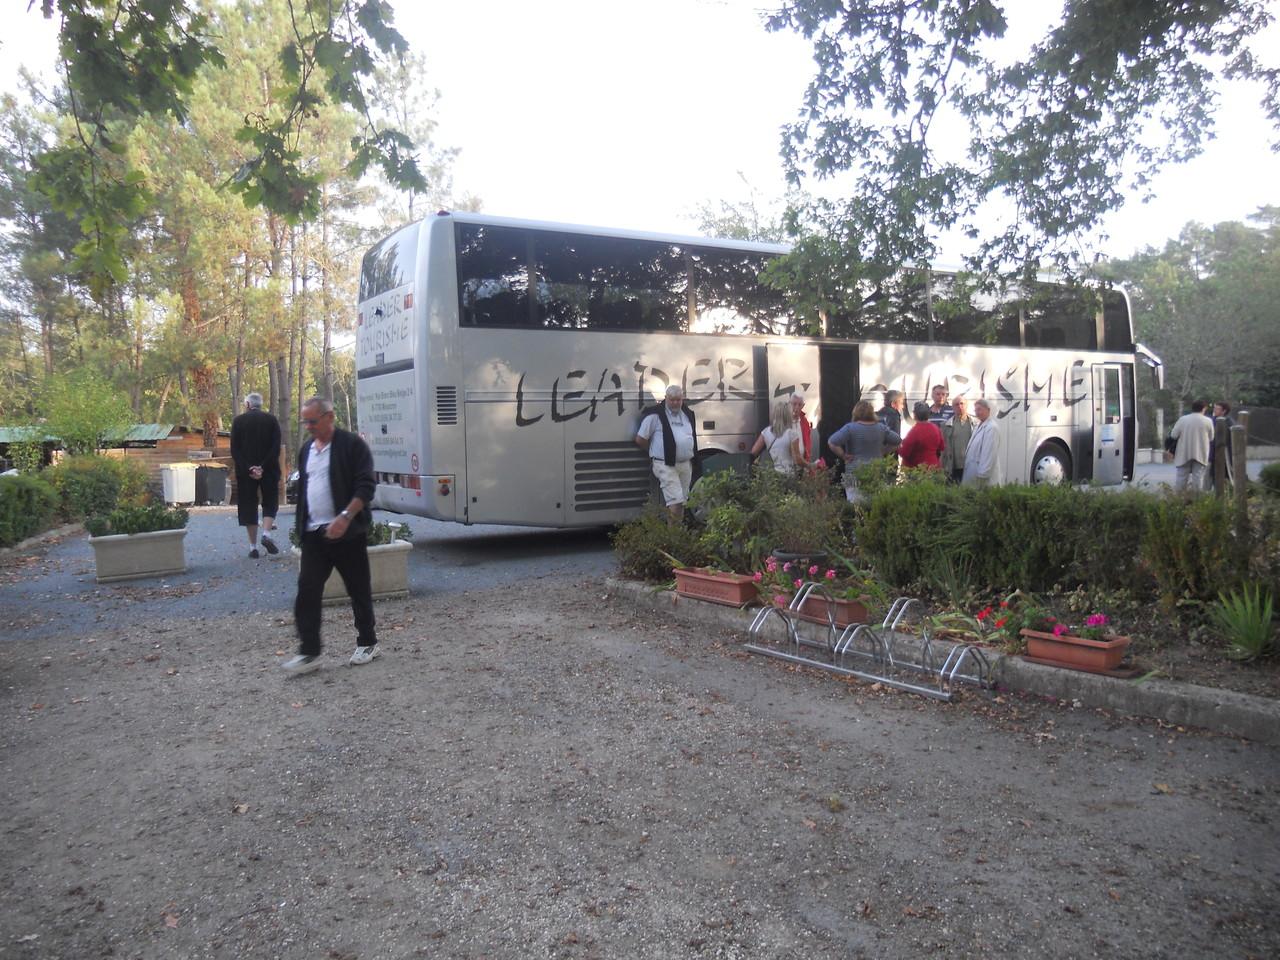 Nos amis de Mouscron à la découverte du vignoble et des sites du Bergeracois et de St Emilion - Sept 2012